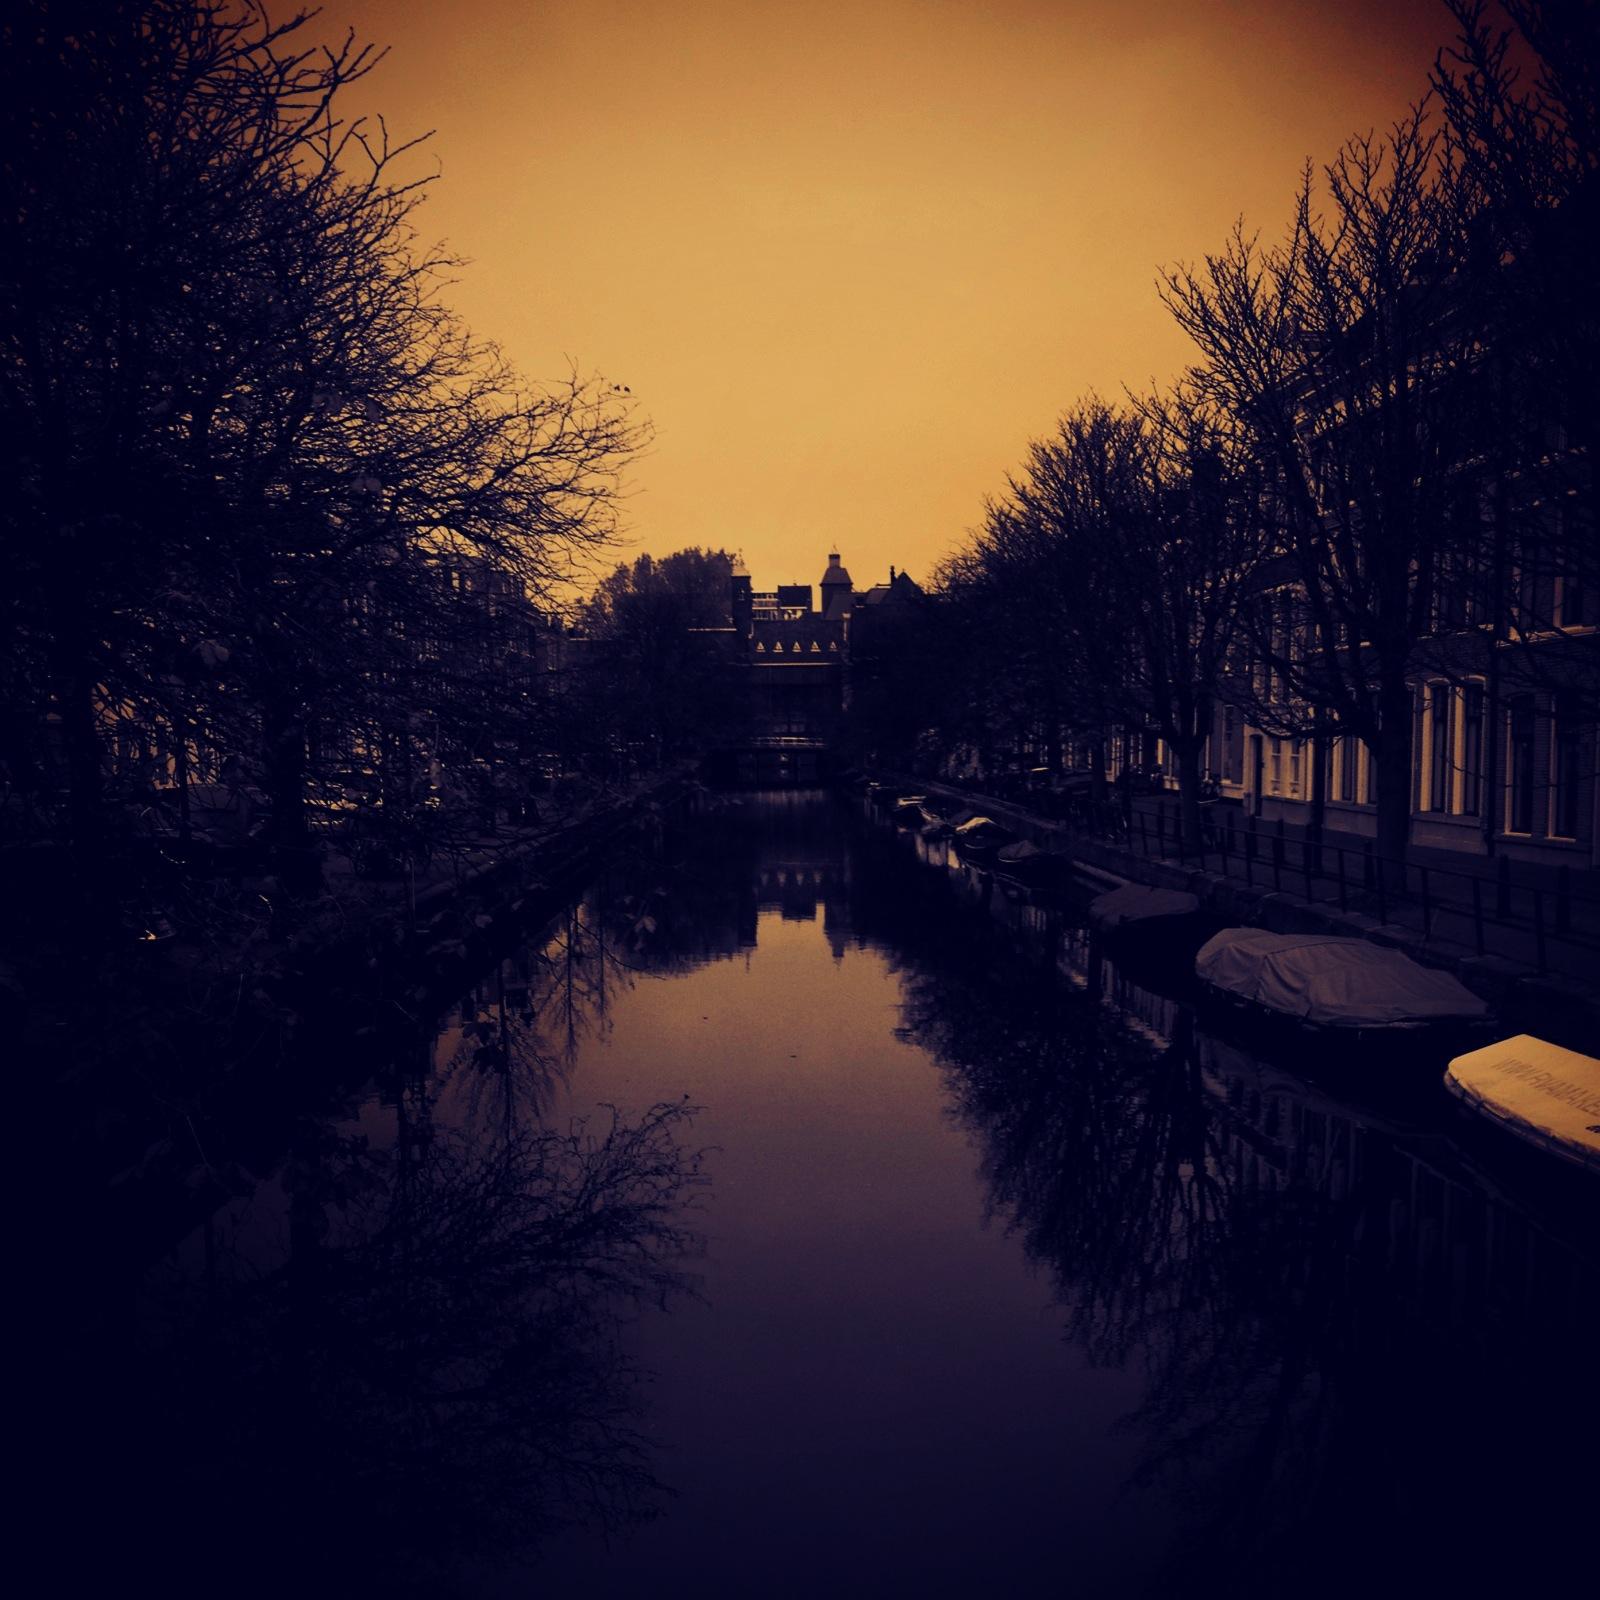 canal mooi.jpg